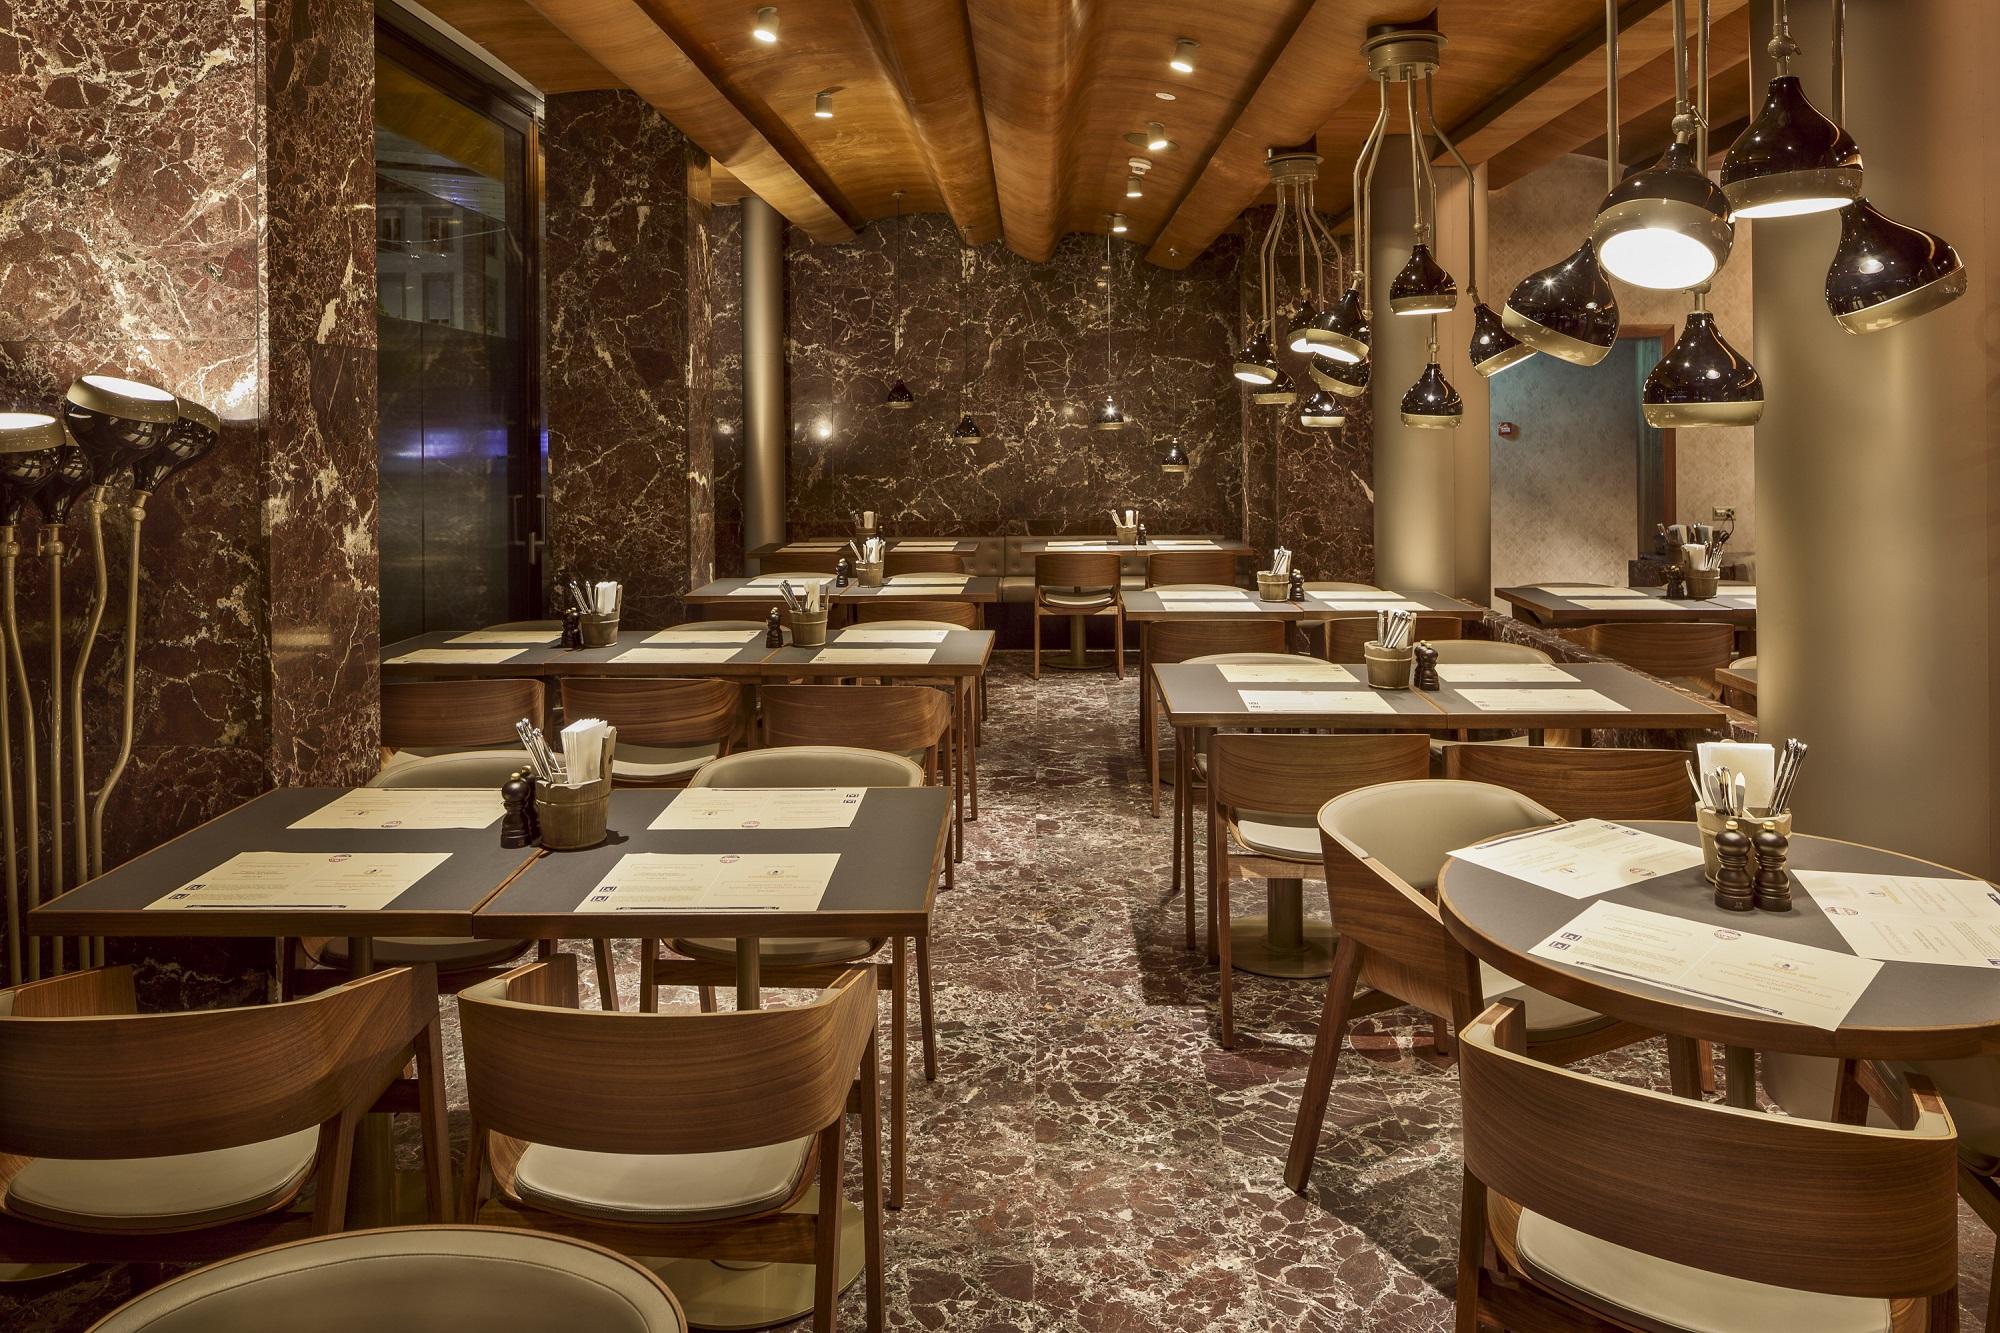 Brasserie Hotel Walhalla St Gallen